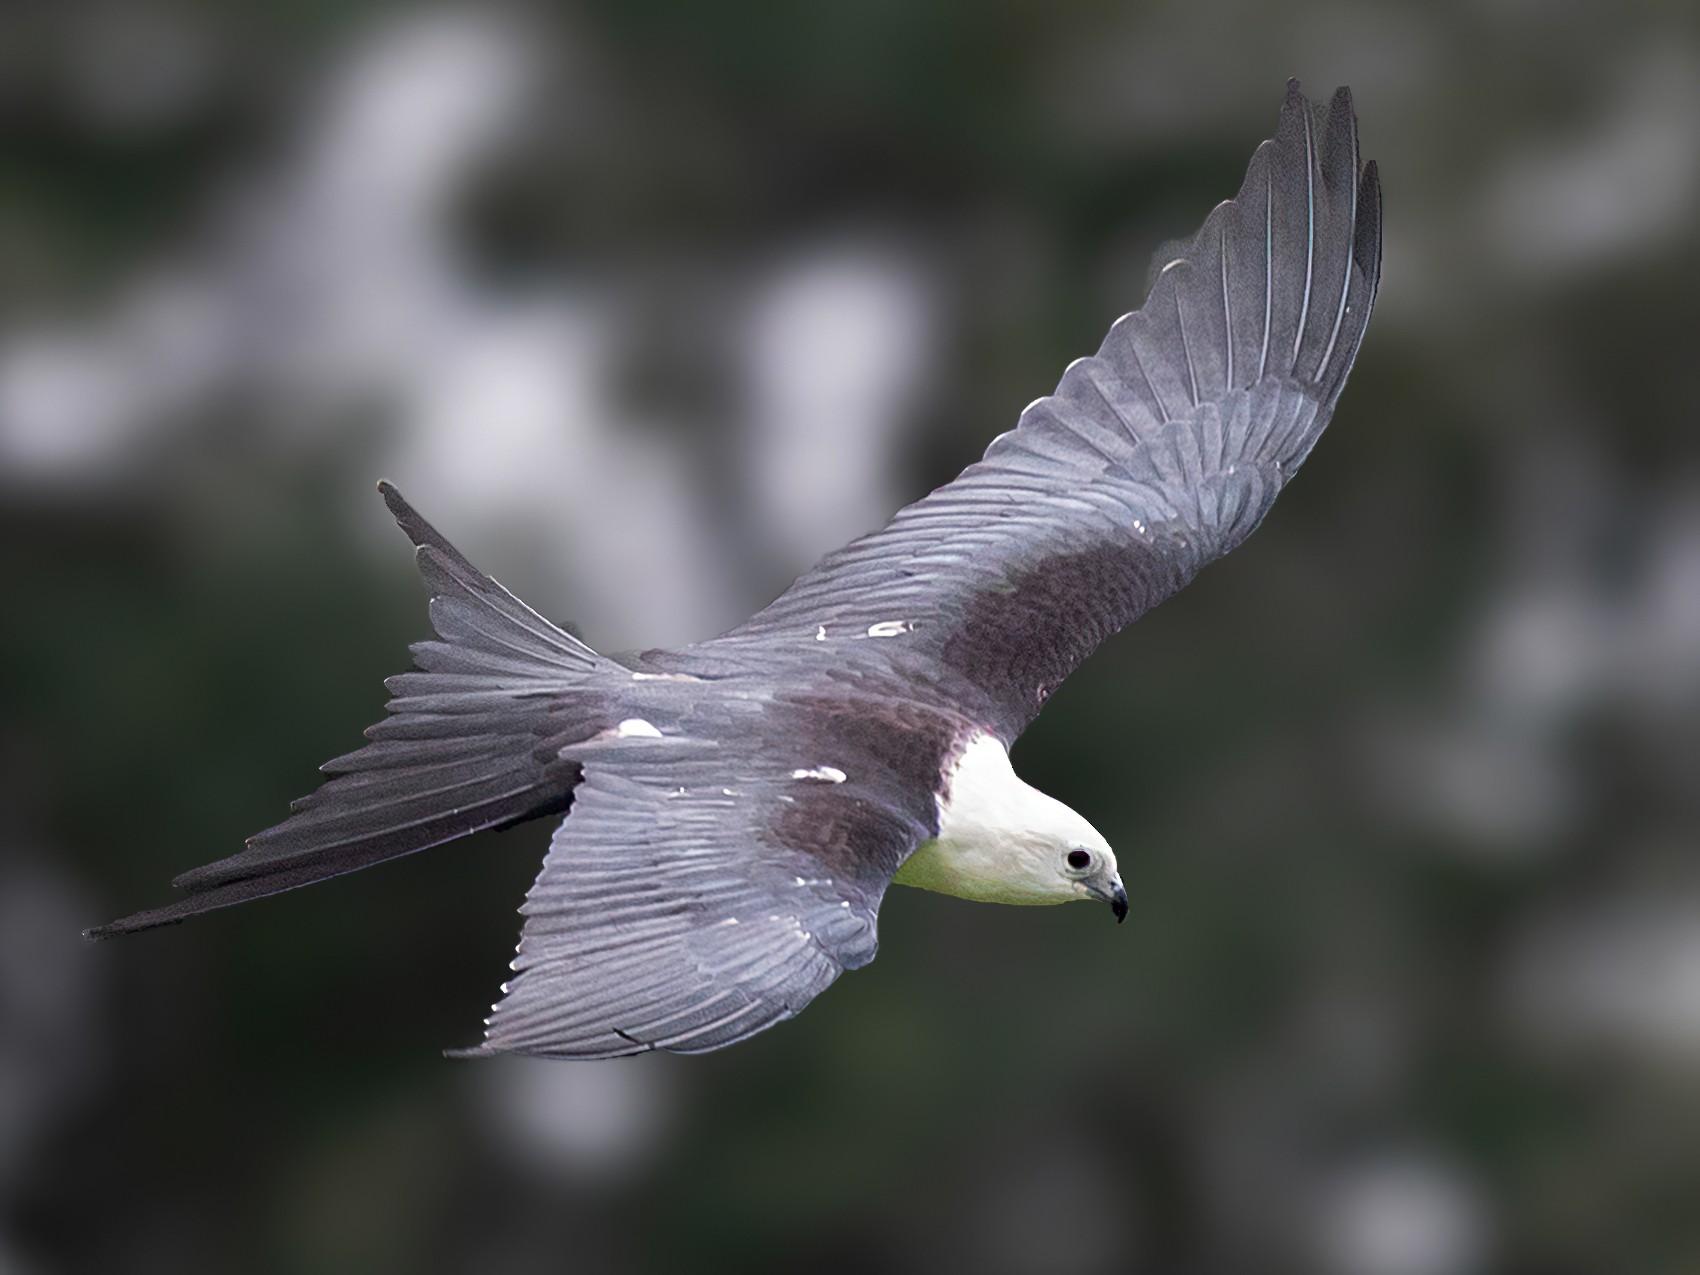 Swallow-tailed Kite - Brad Imhoff